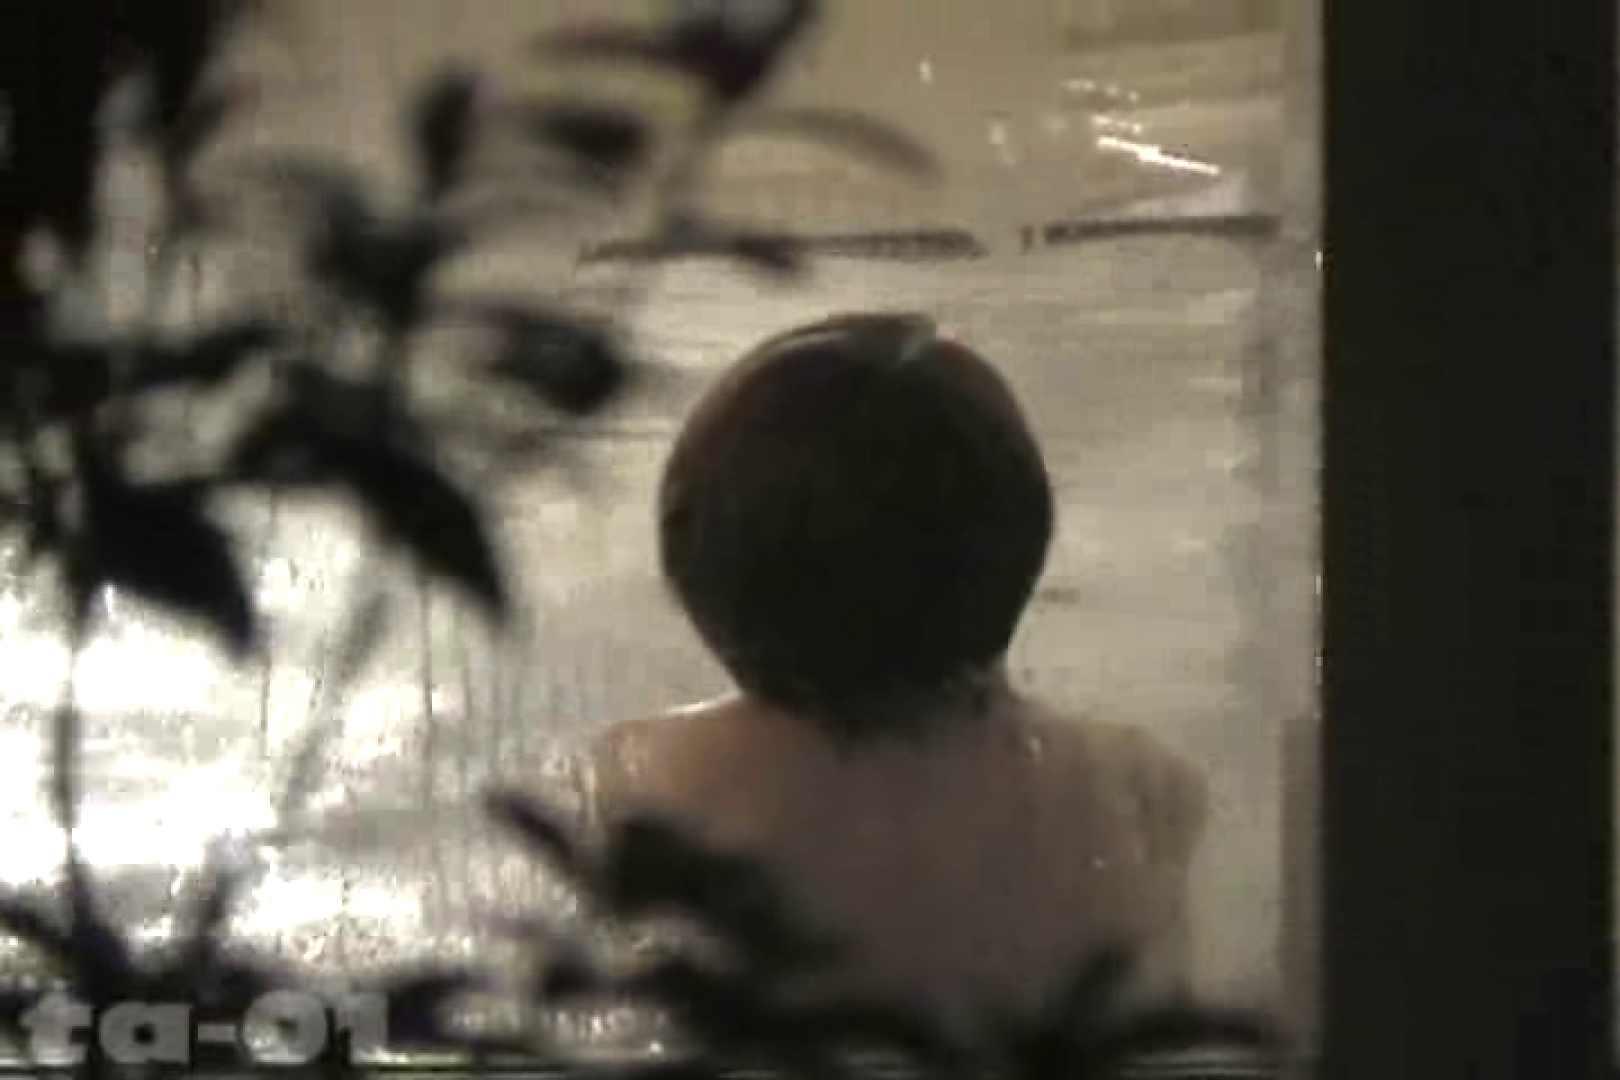 合宿ホテル女風呂盗撮高画質版 Vol.01 色っぽいOL達  98pic 42